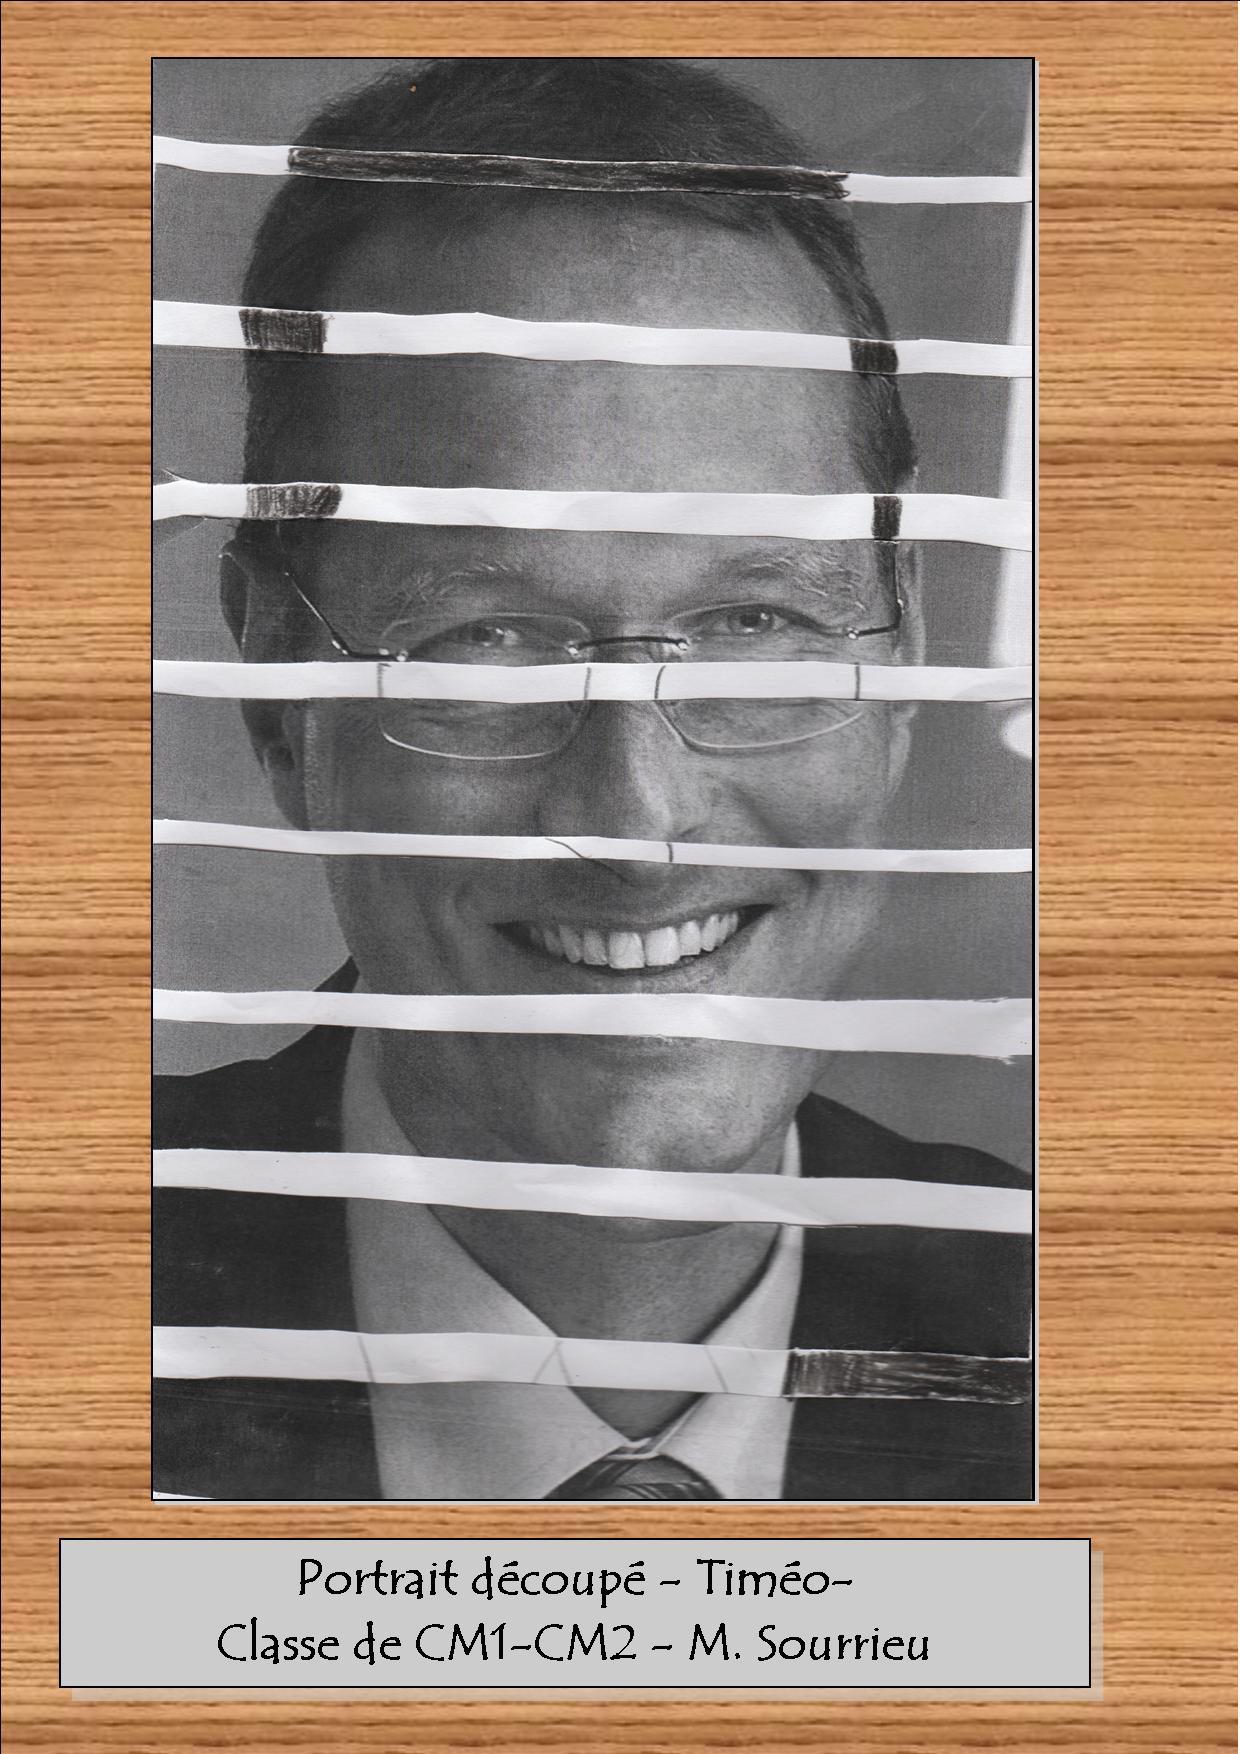 Portrait découpé CM2 - M. Sourrieu 07.jpg